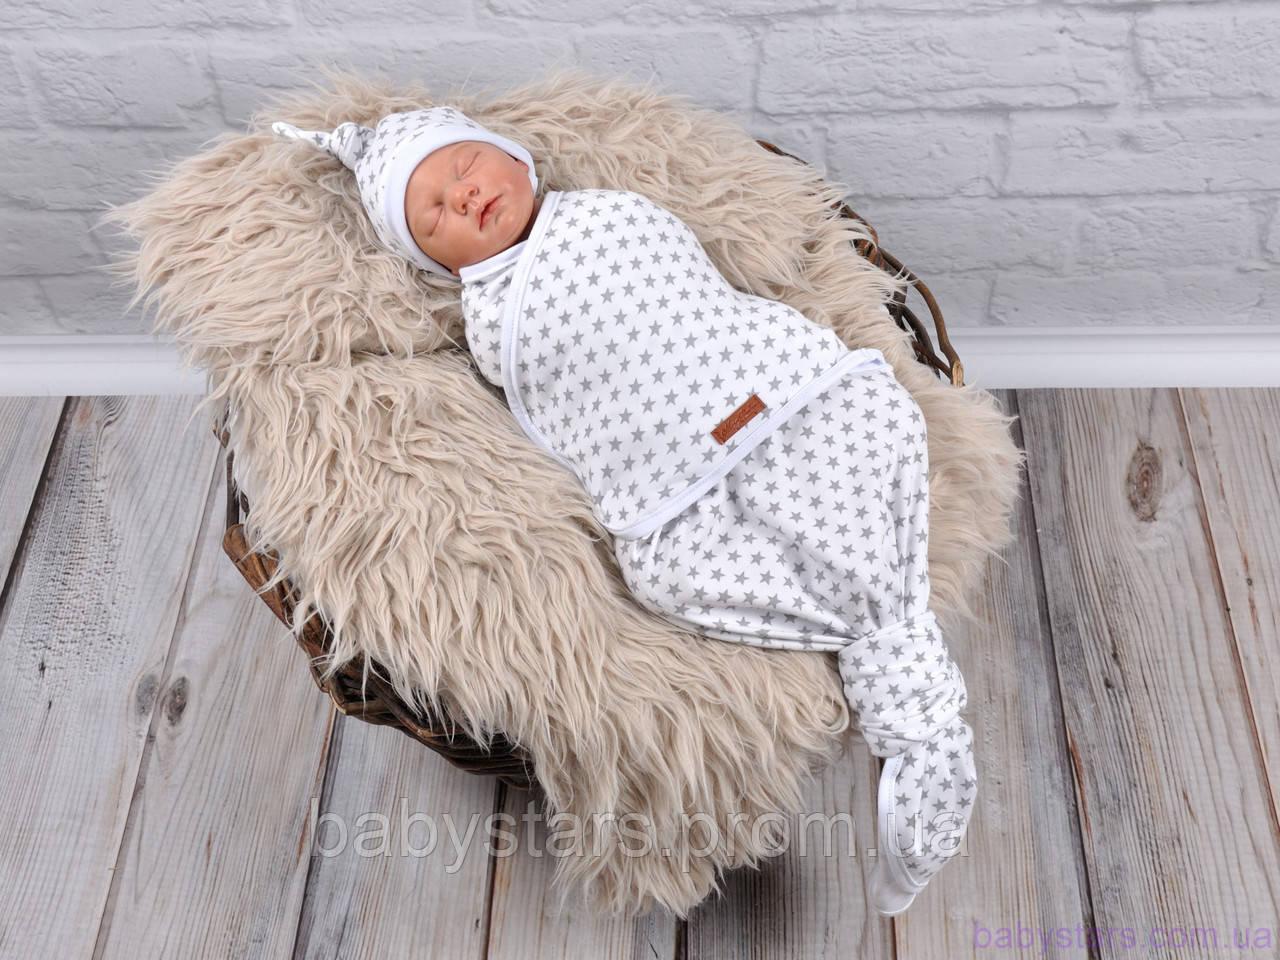 """Пеленки на липучках для новорожденных """"Каспер"""" безразмерные с шапочкой, Звездочка"""